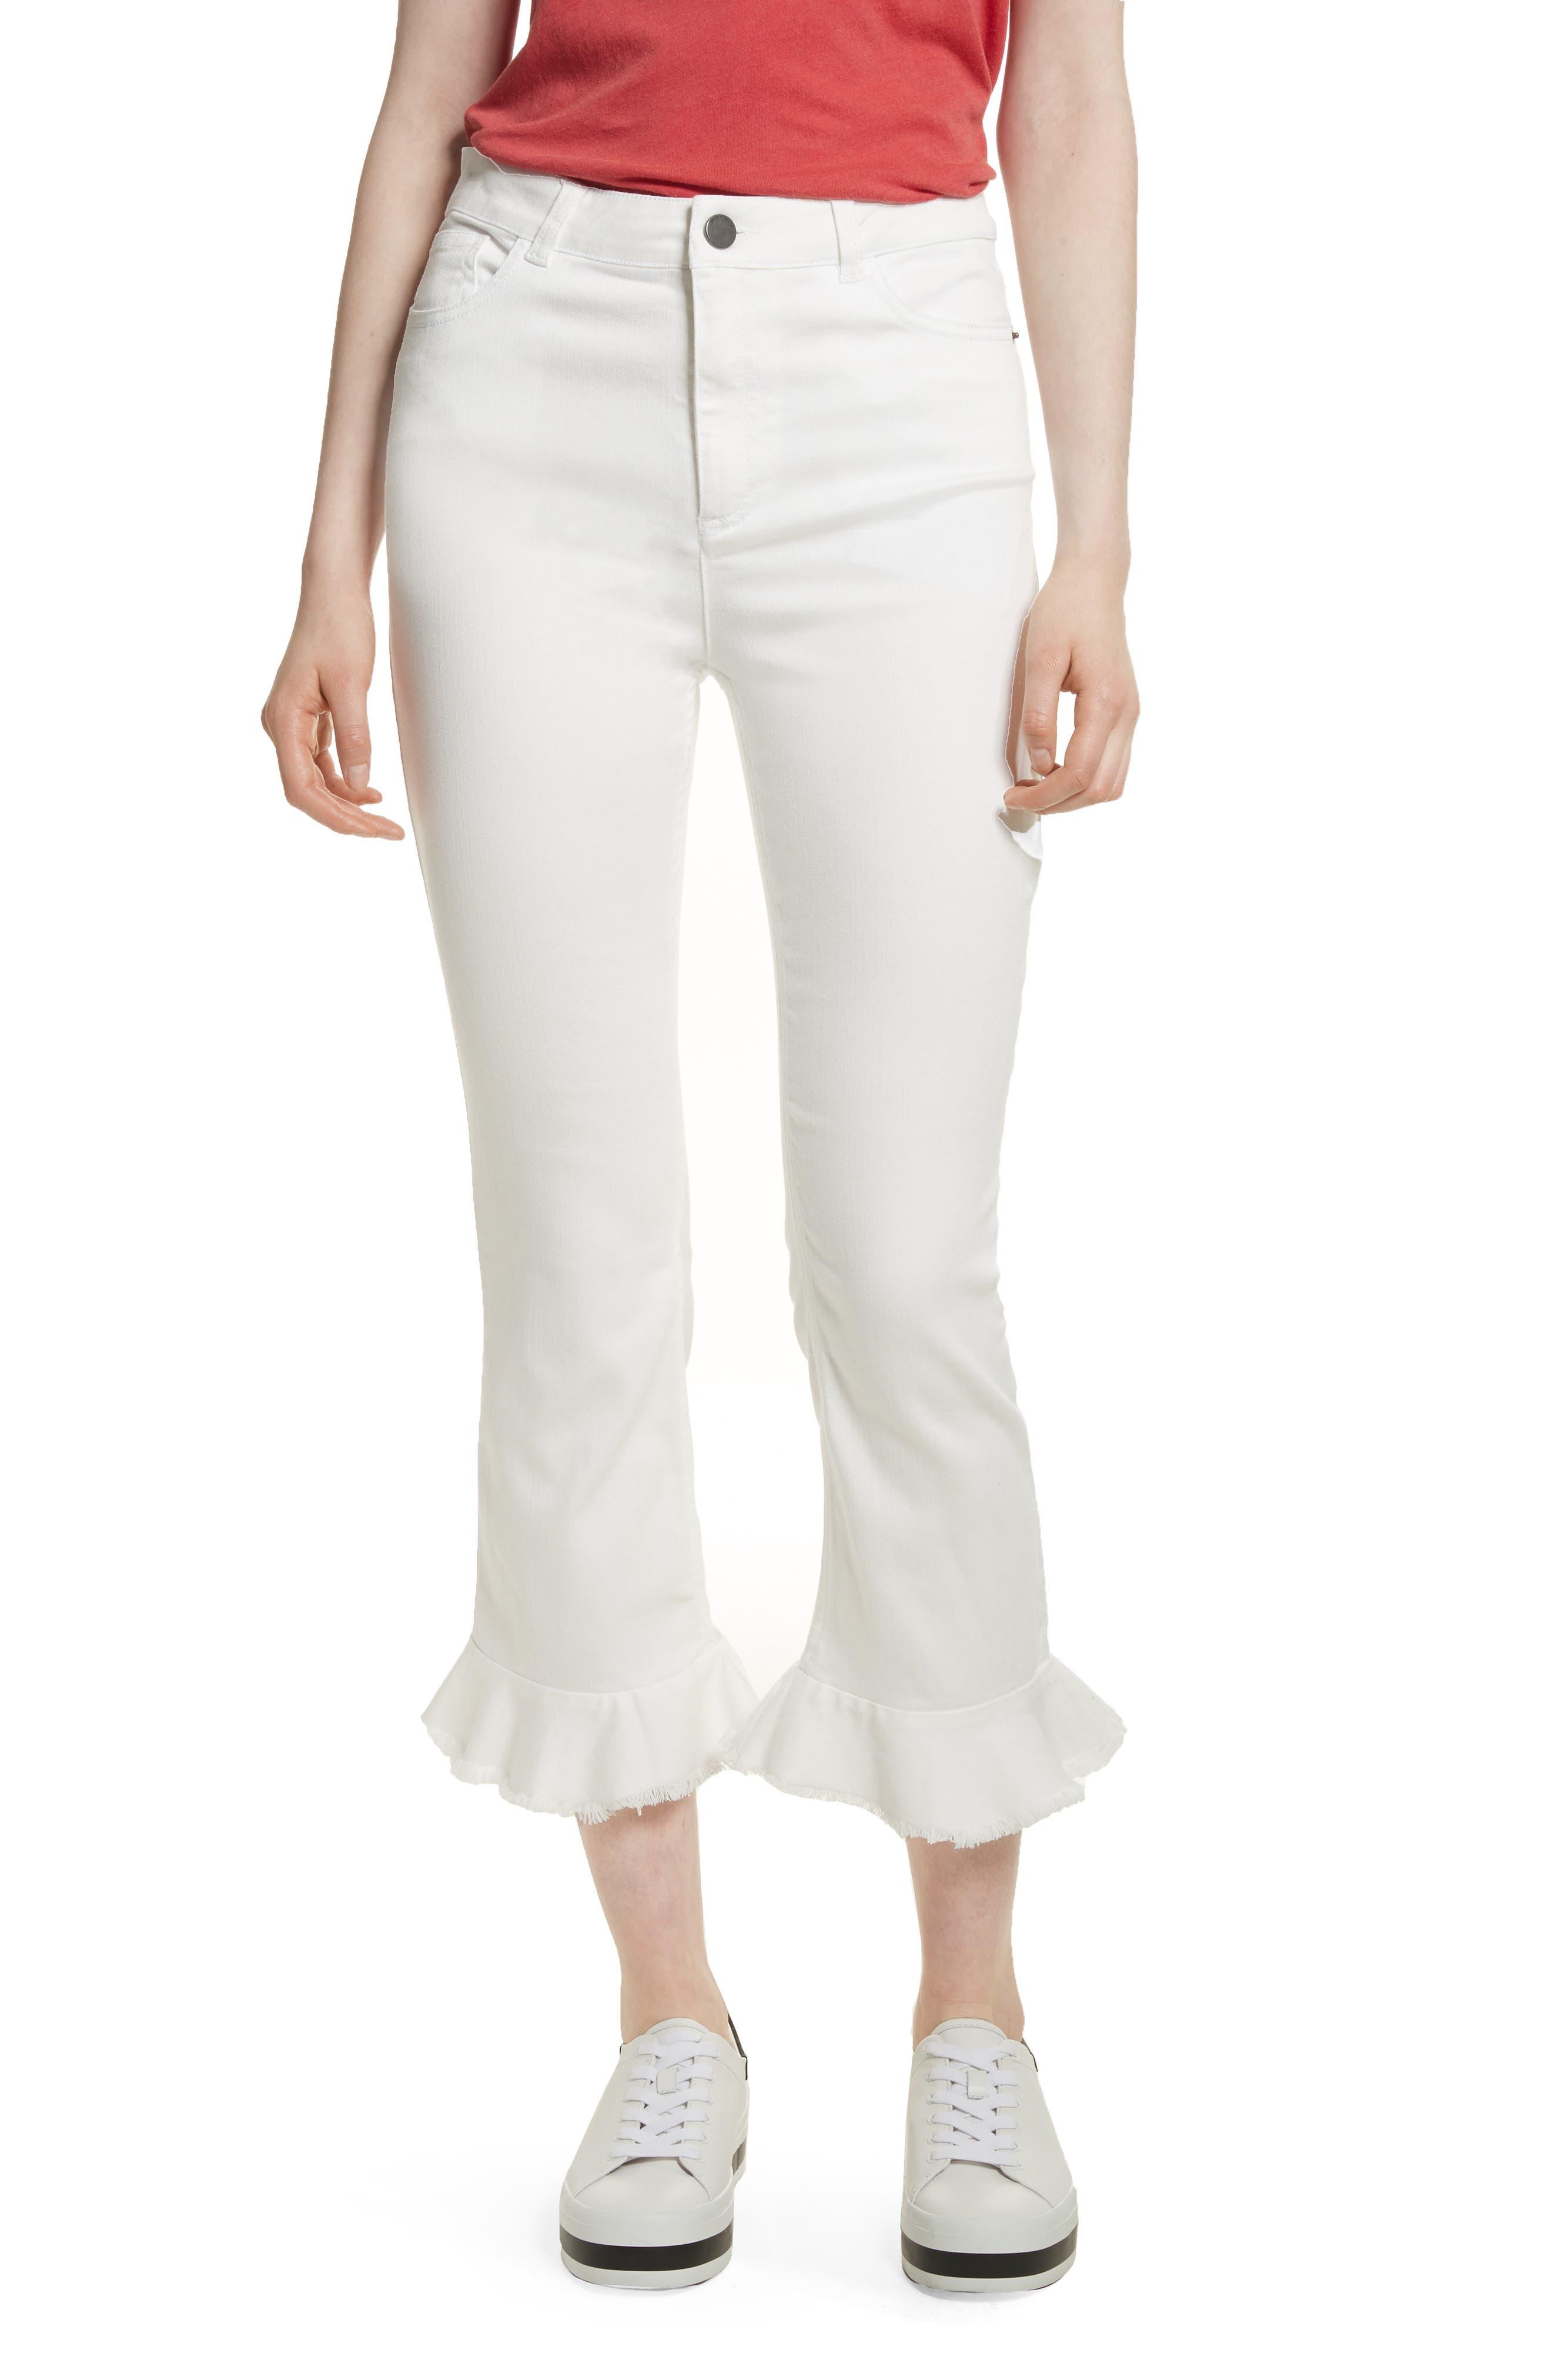 AO.LA Zoe Ruffle Hem Crop Jeans,                             Main thumbnail 1, color,                             White